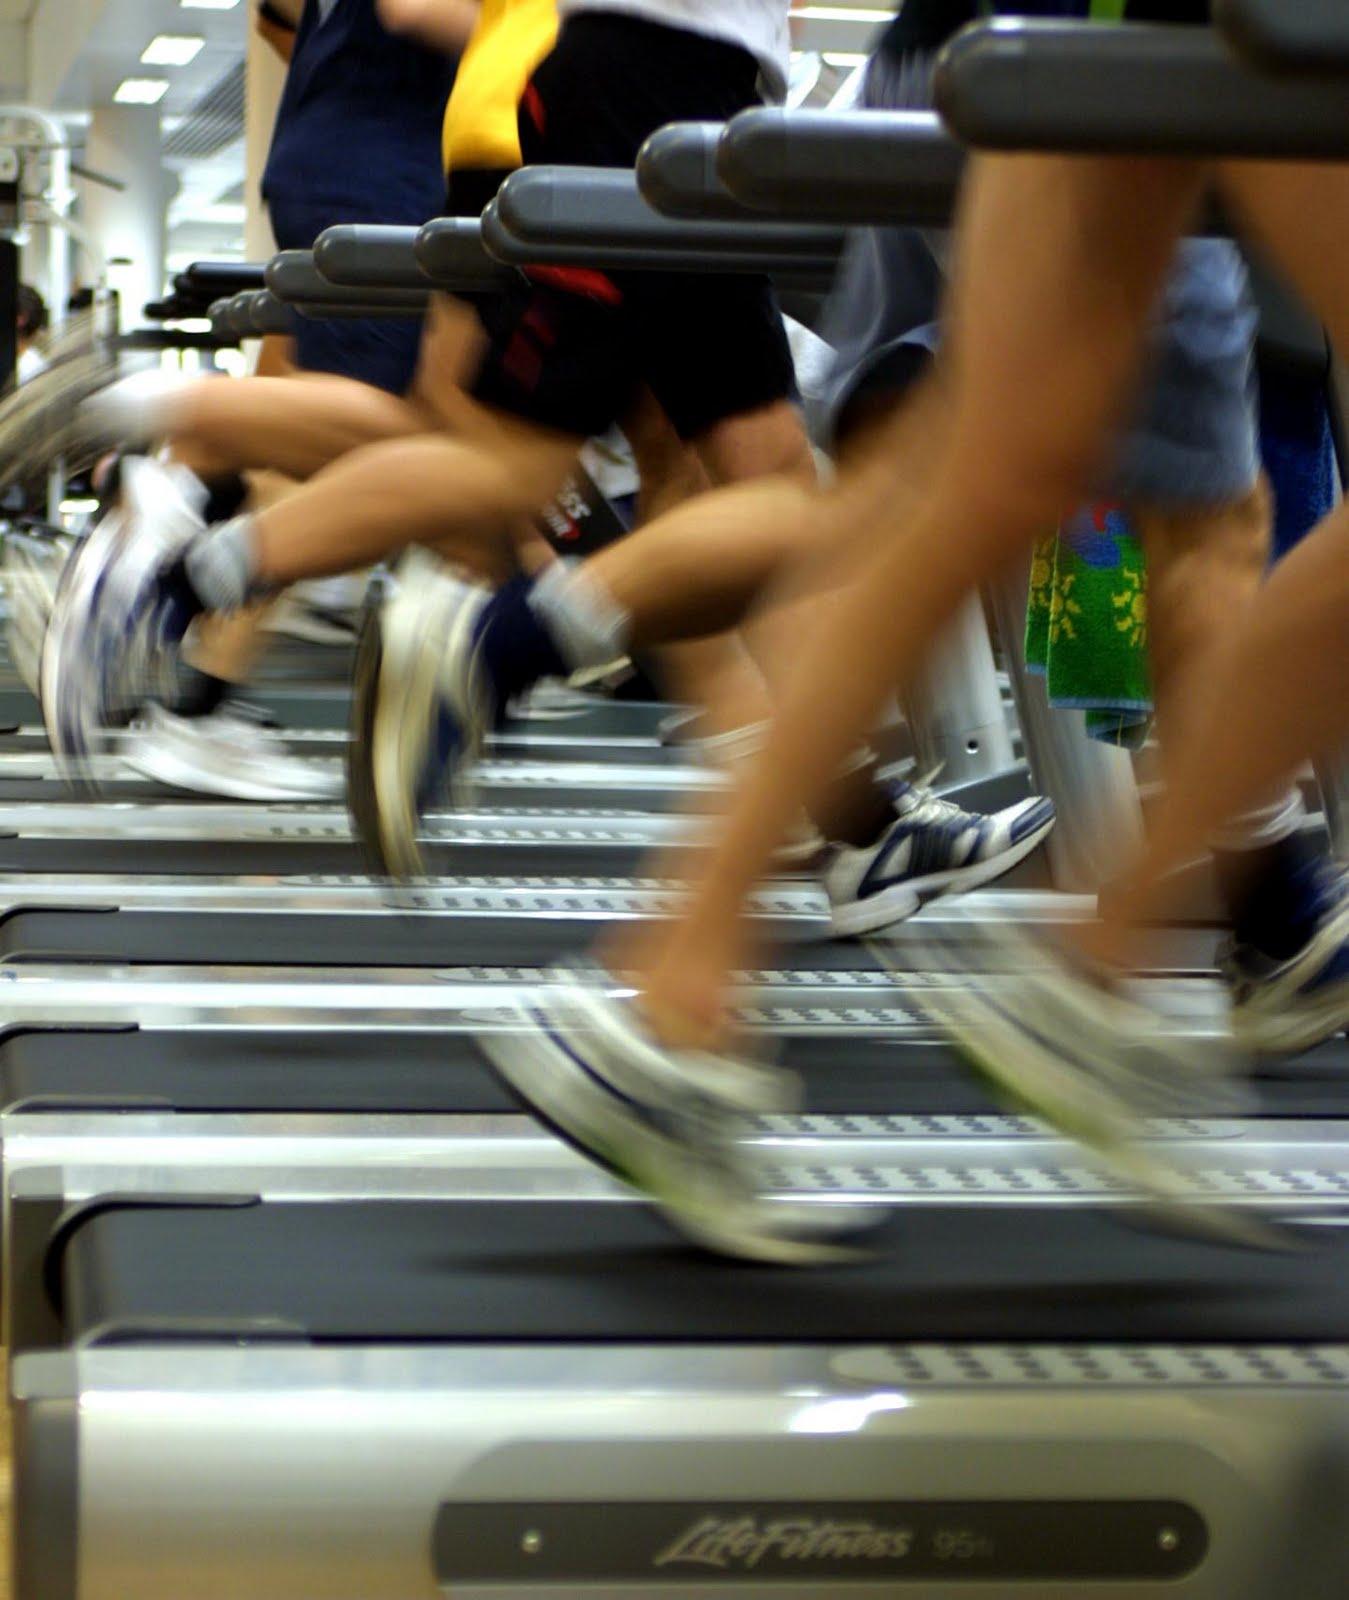 correr en cinta. Fuente: http://www.entrenalisto.com/